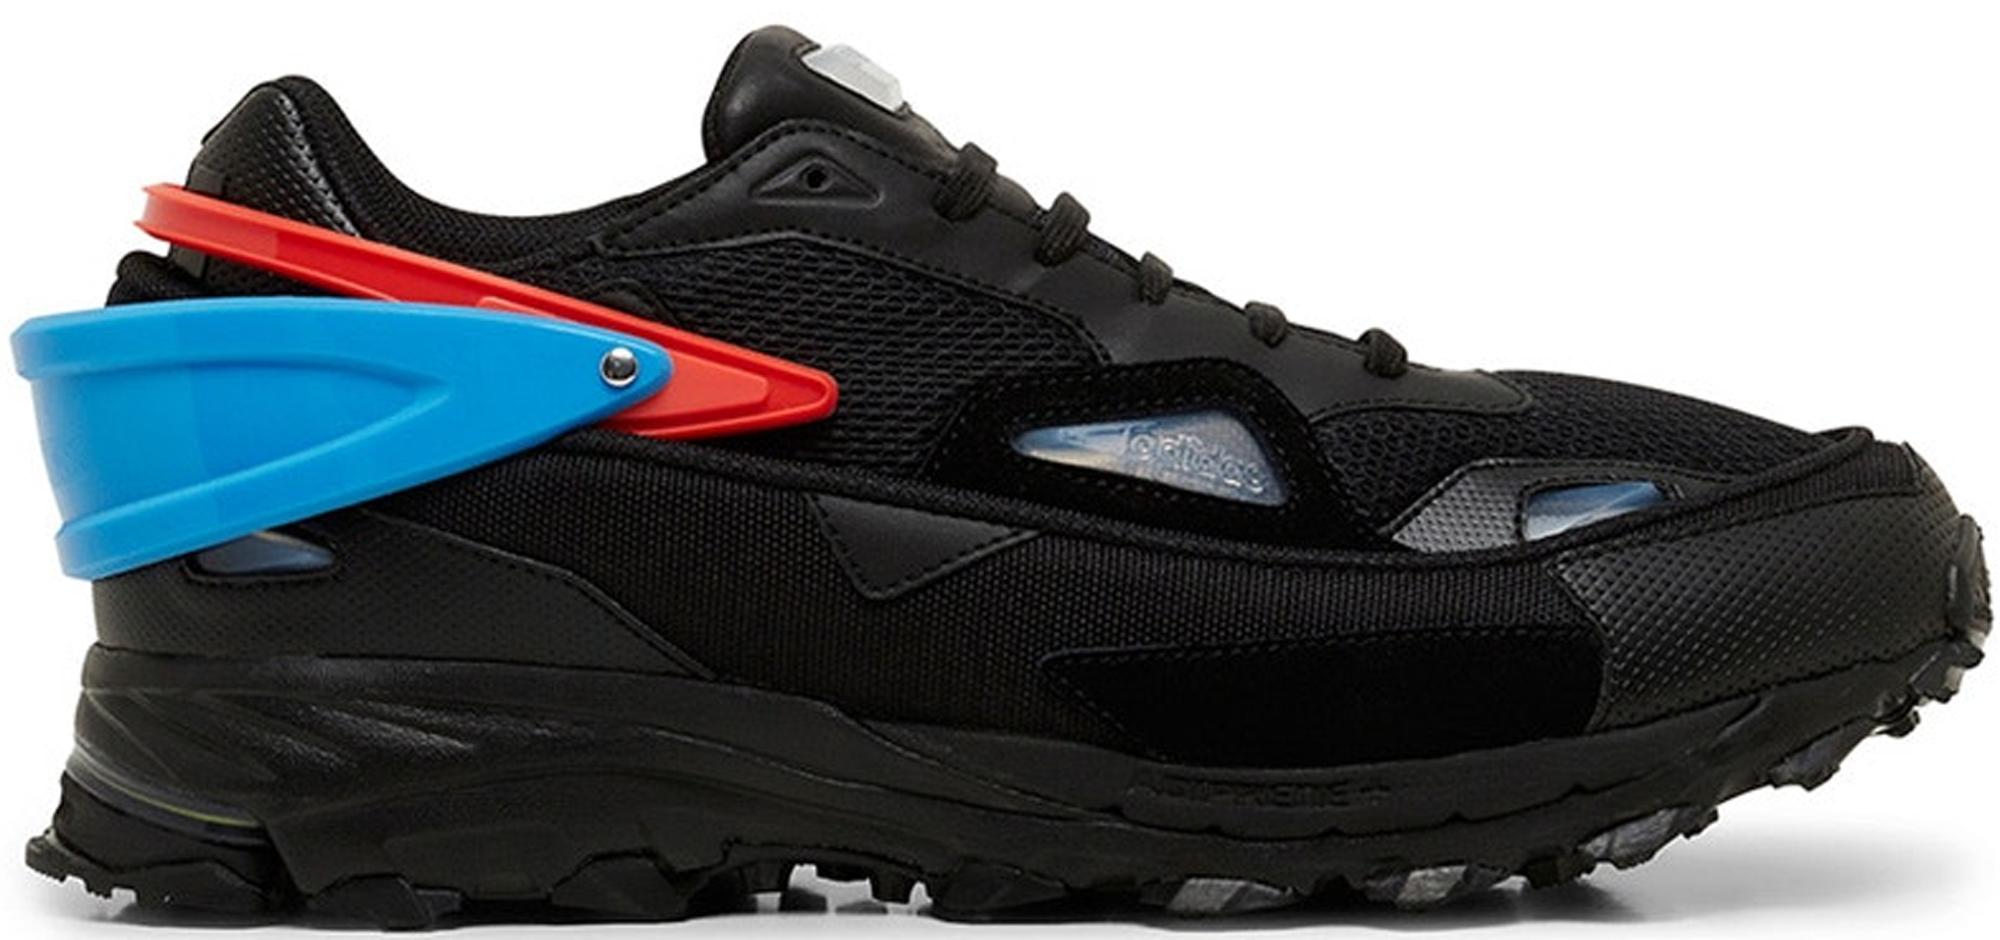 adidas Response Trail 2 Raf Simons Core Black Bright Blue